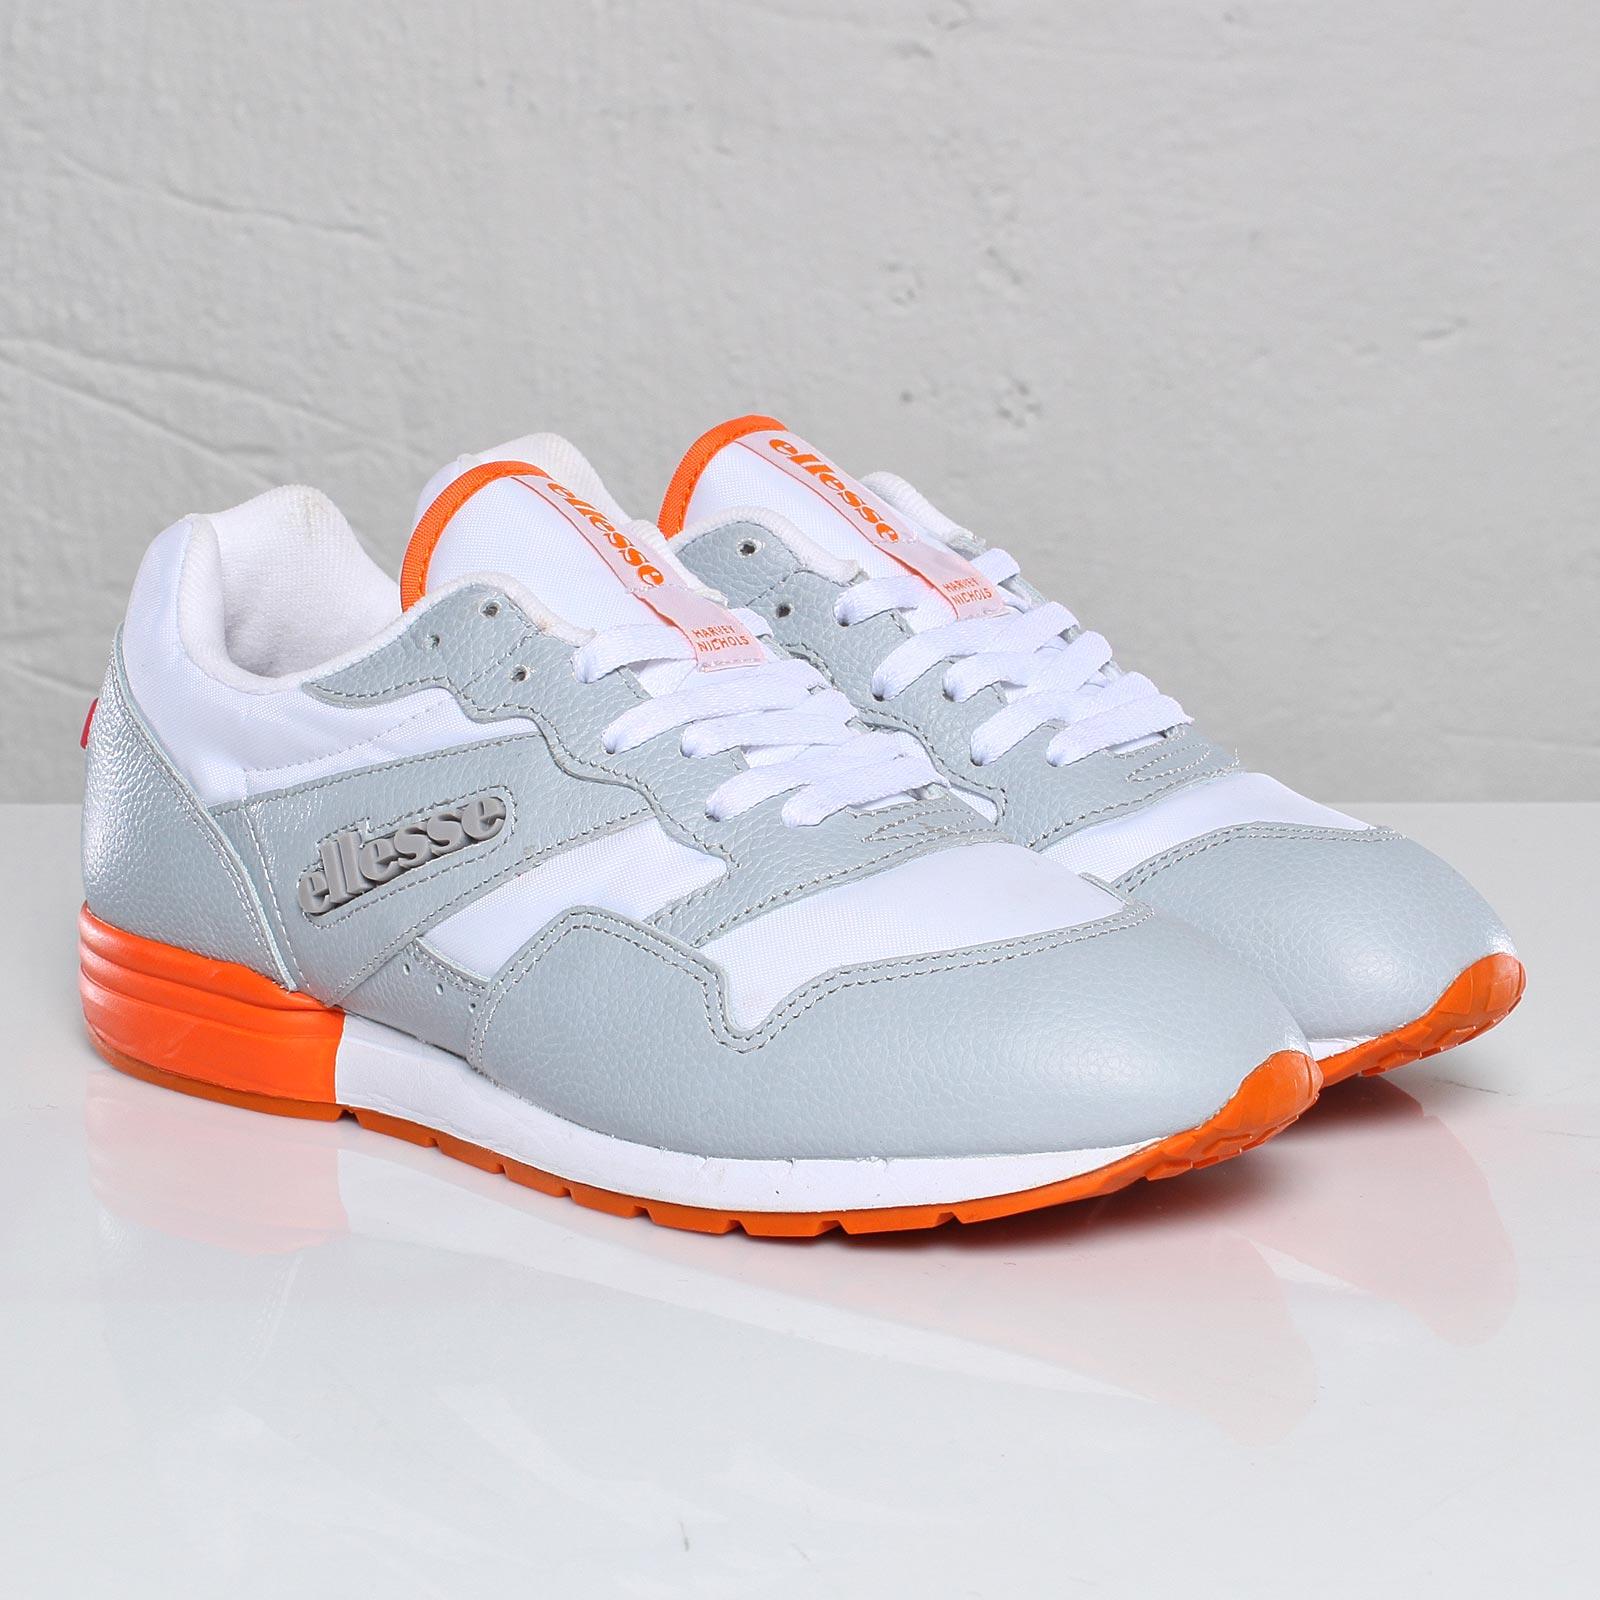 8c1e6072ec2 Ellesse Marathon - 102188 - Sneakersnstuff